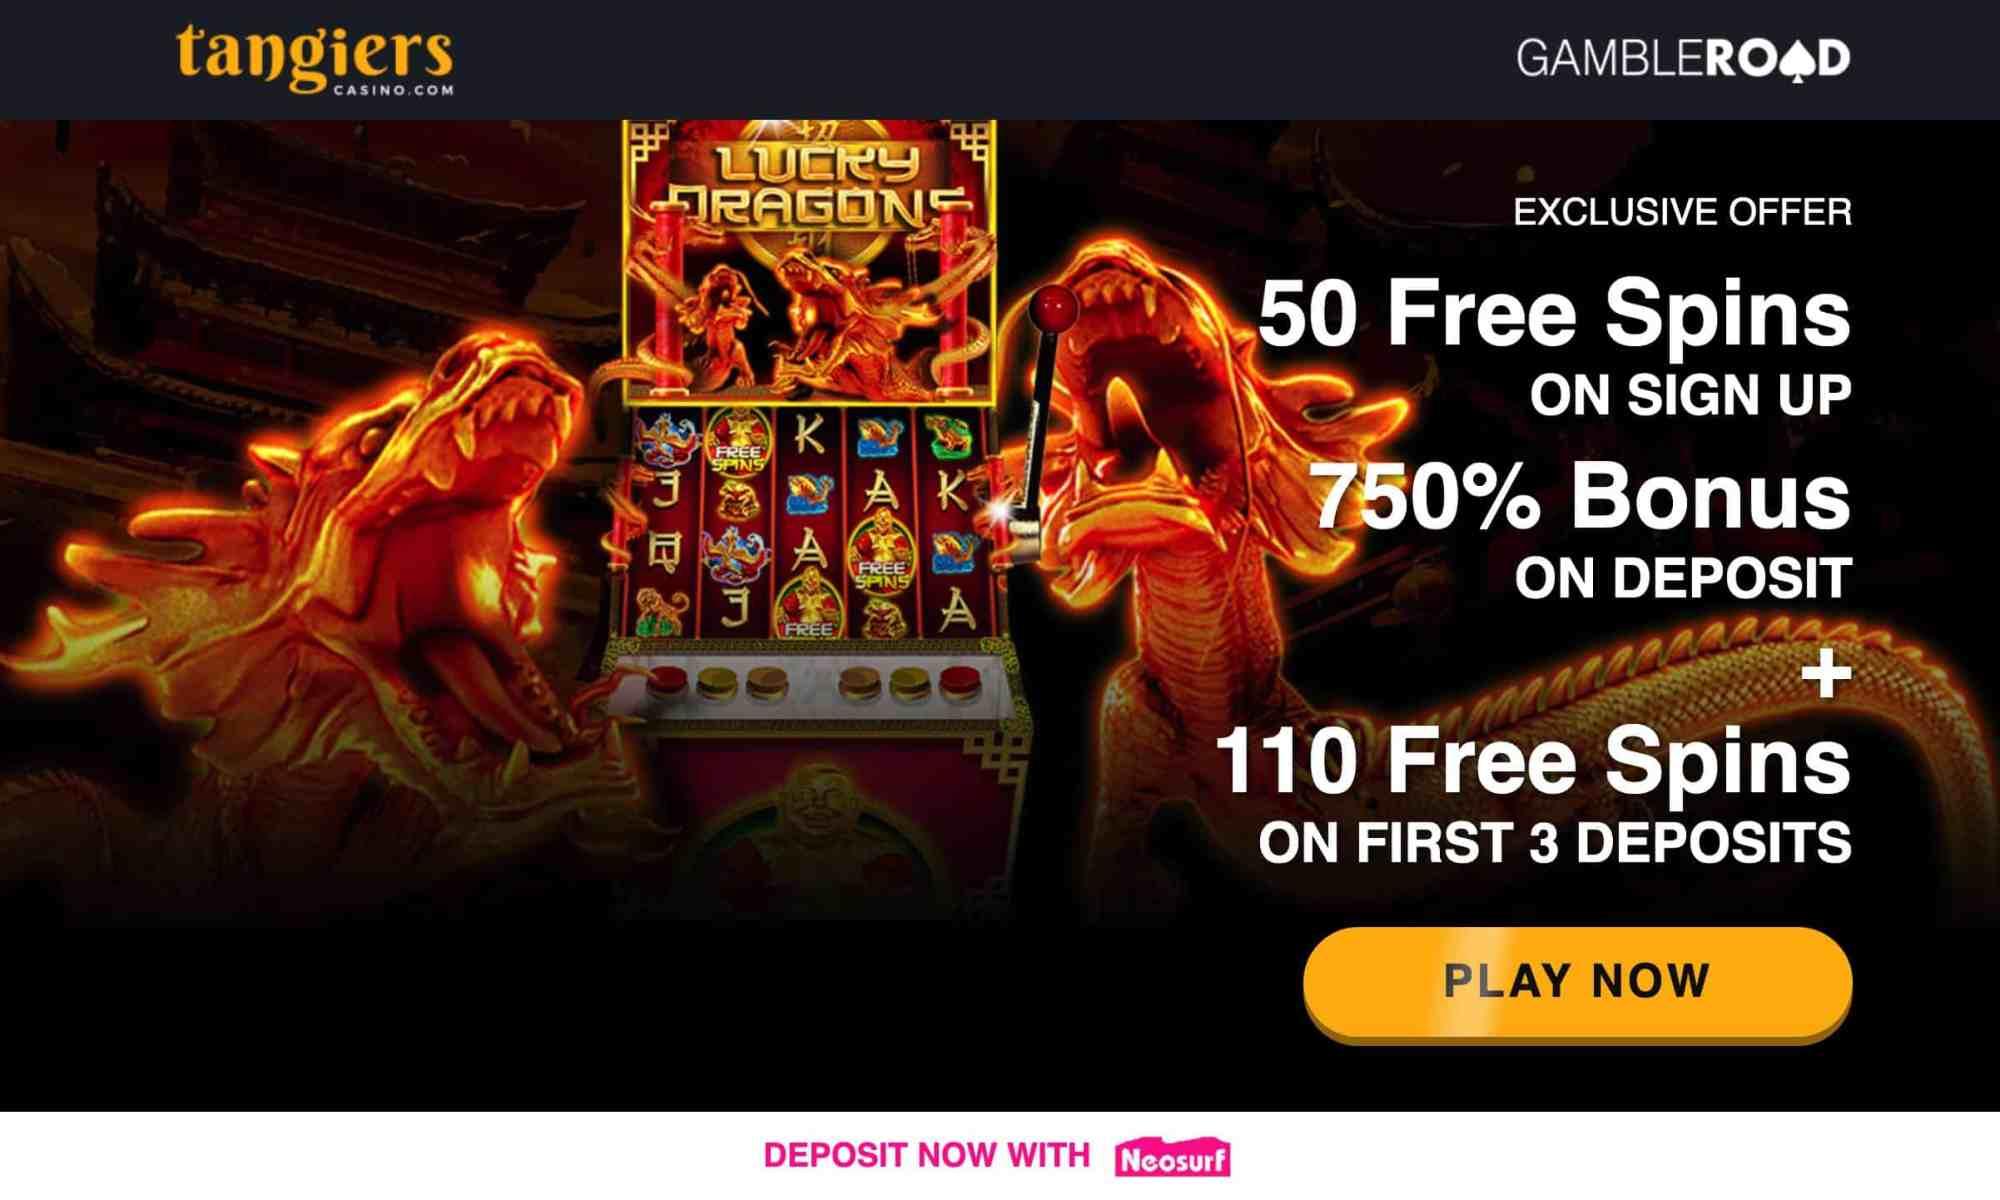 Tangiers Casino - get 750% bonus plus 160 free spins